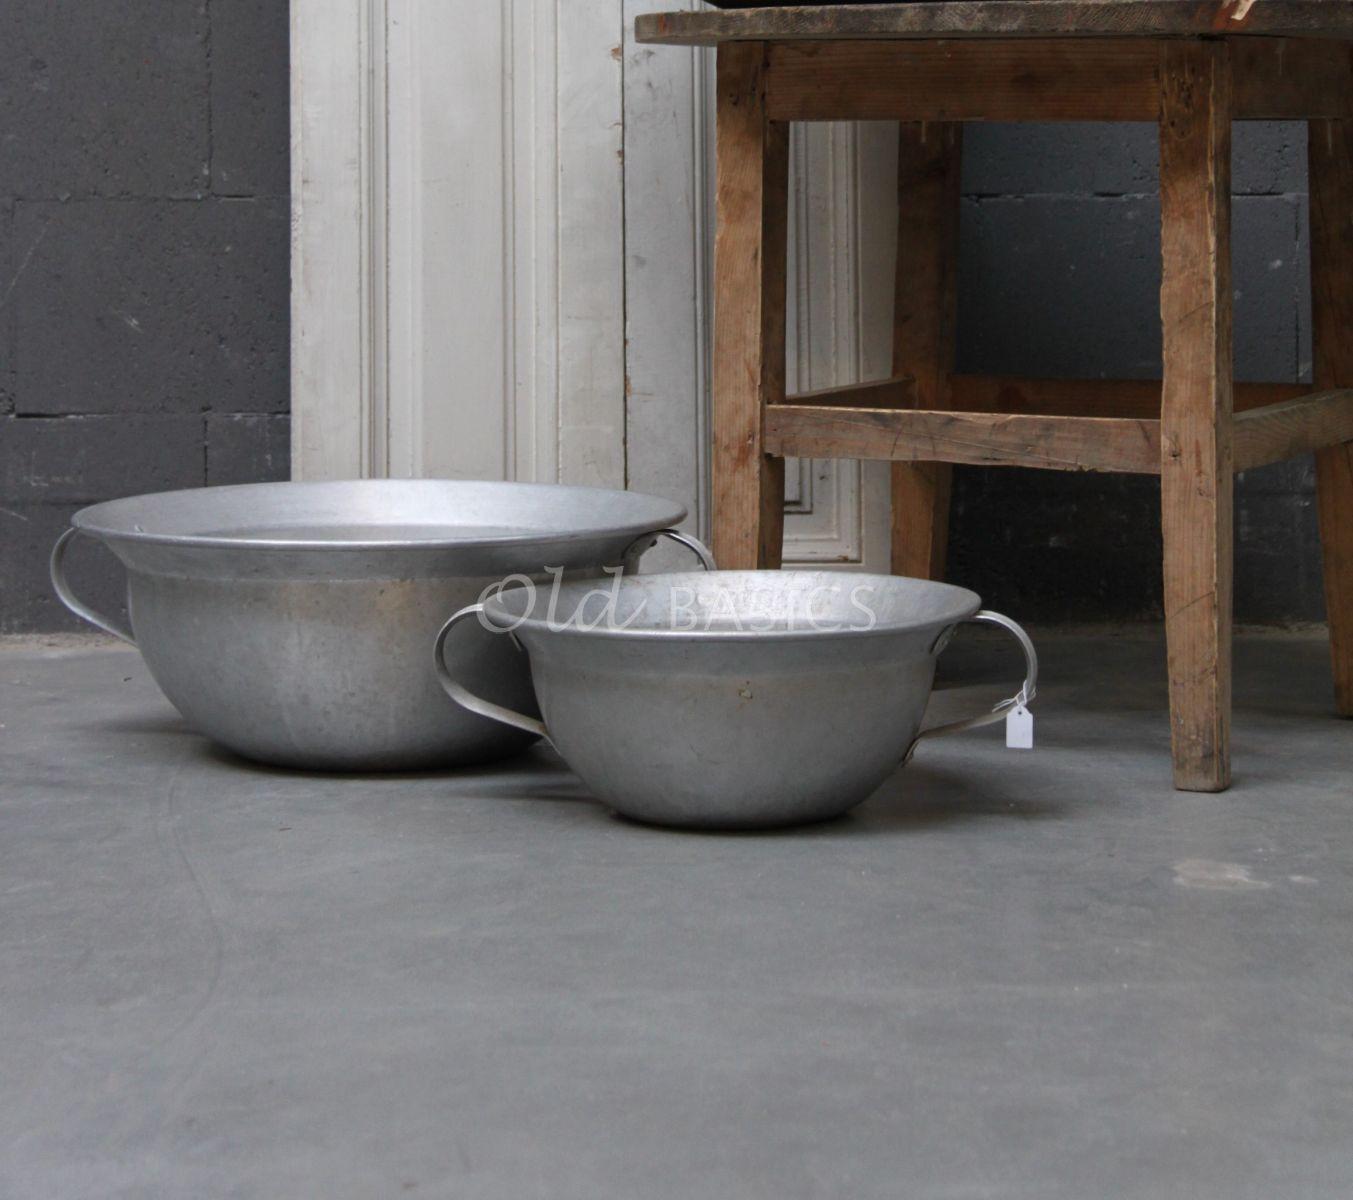 Schaal, zilver / ijzer, materiaal staal